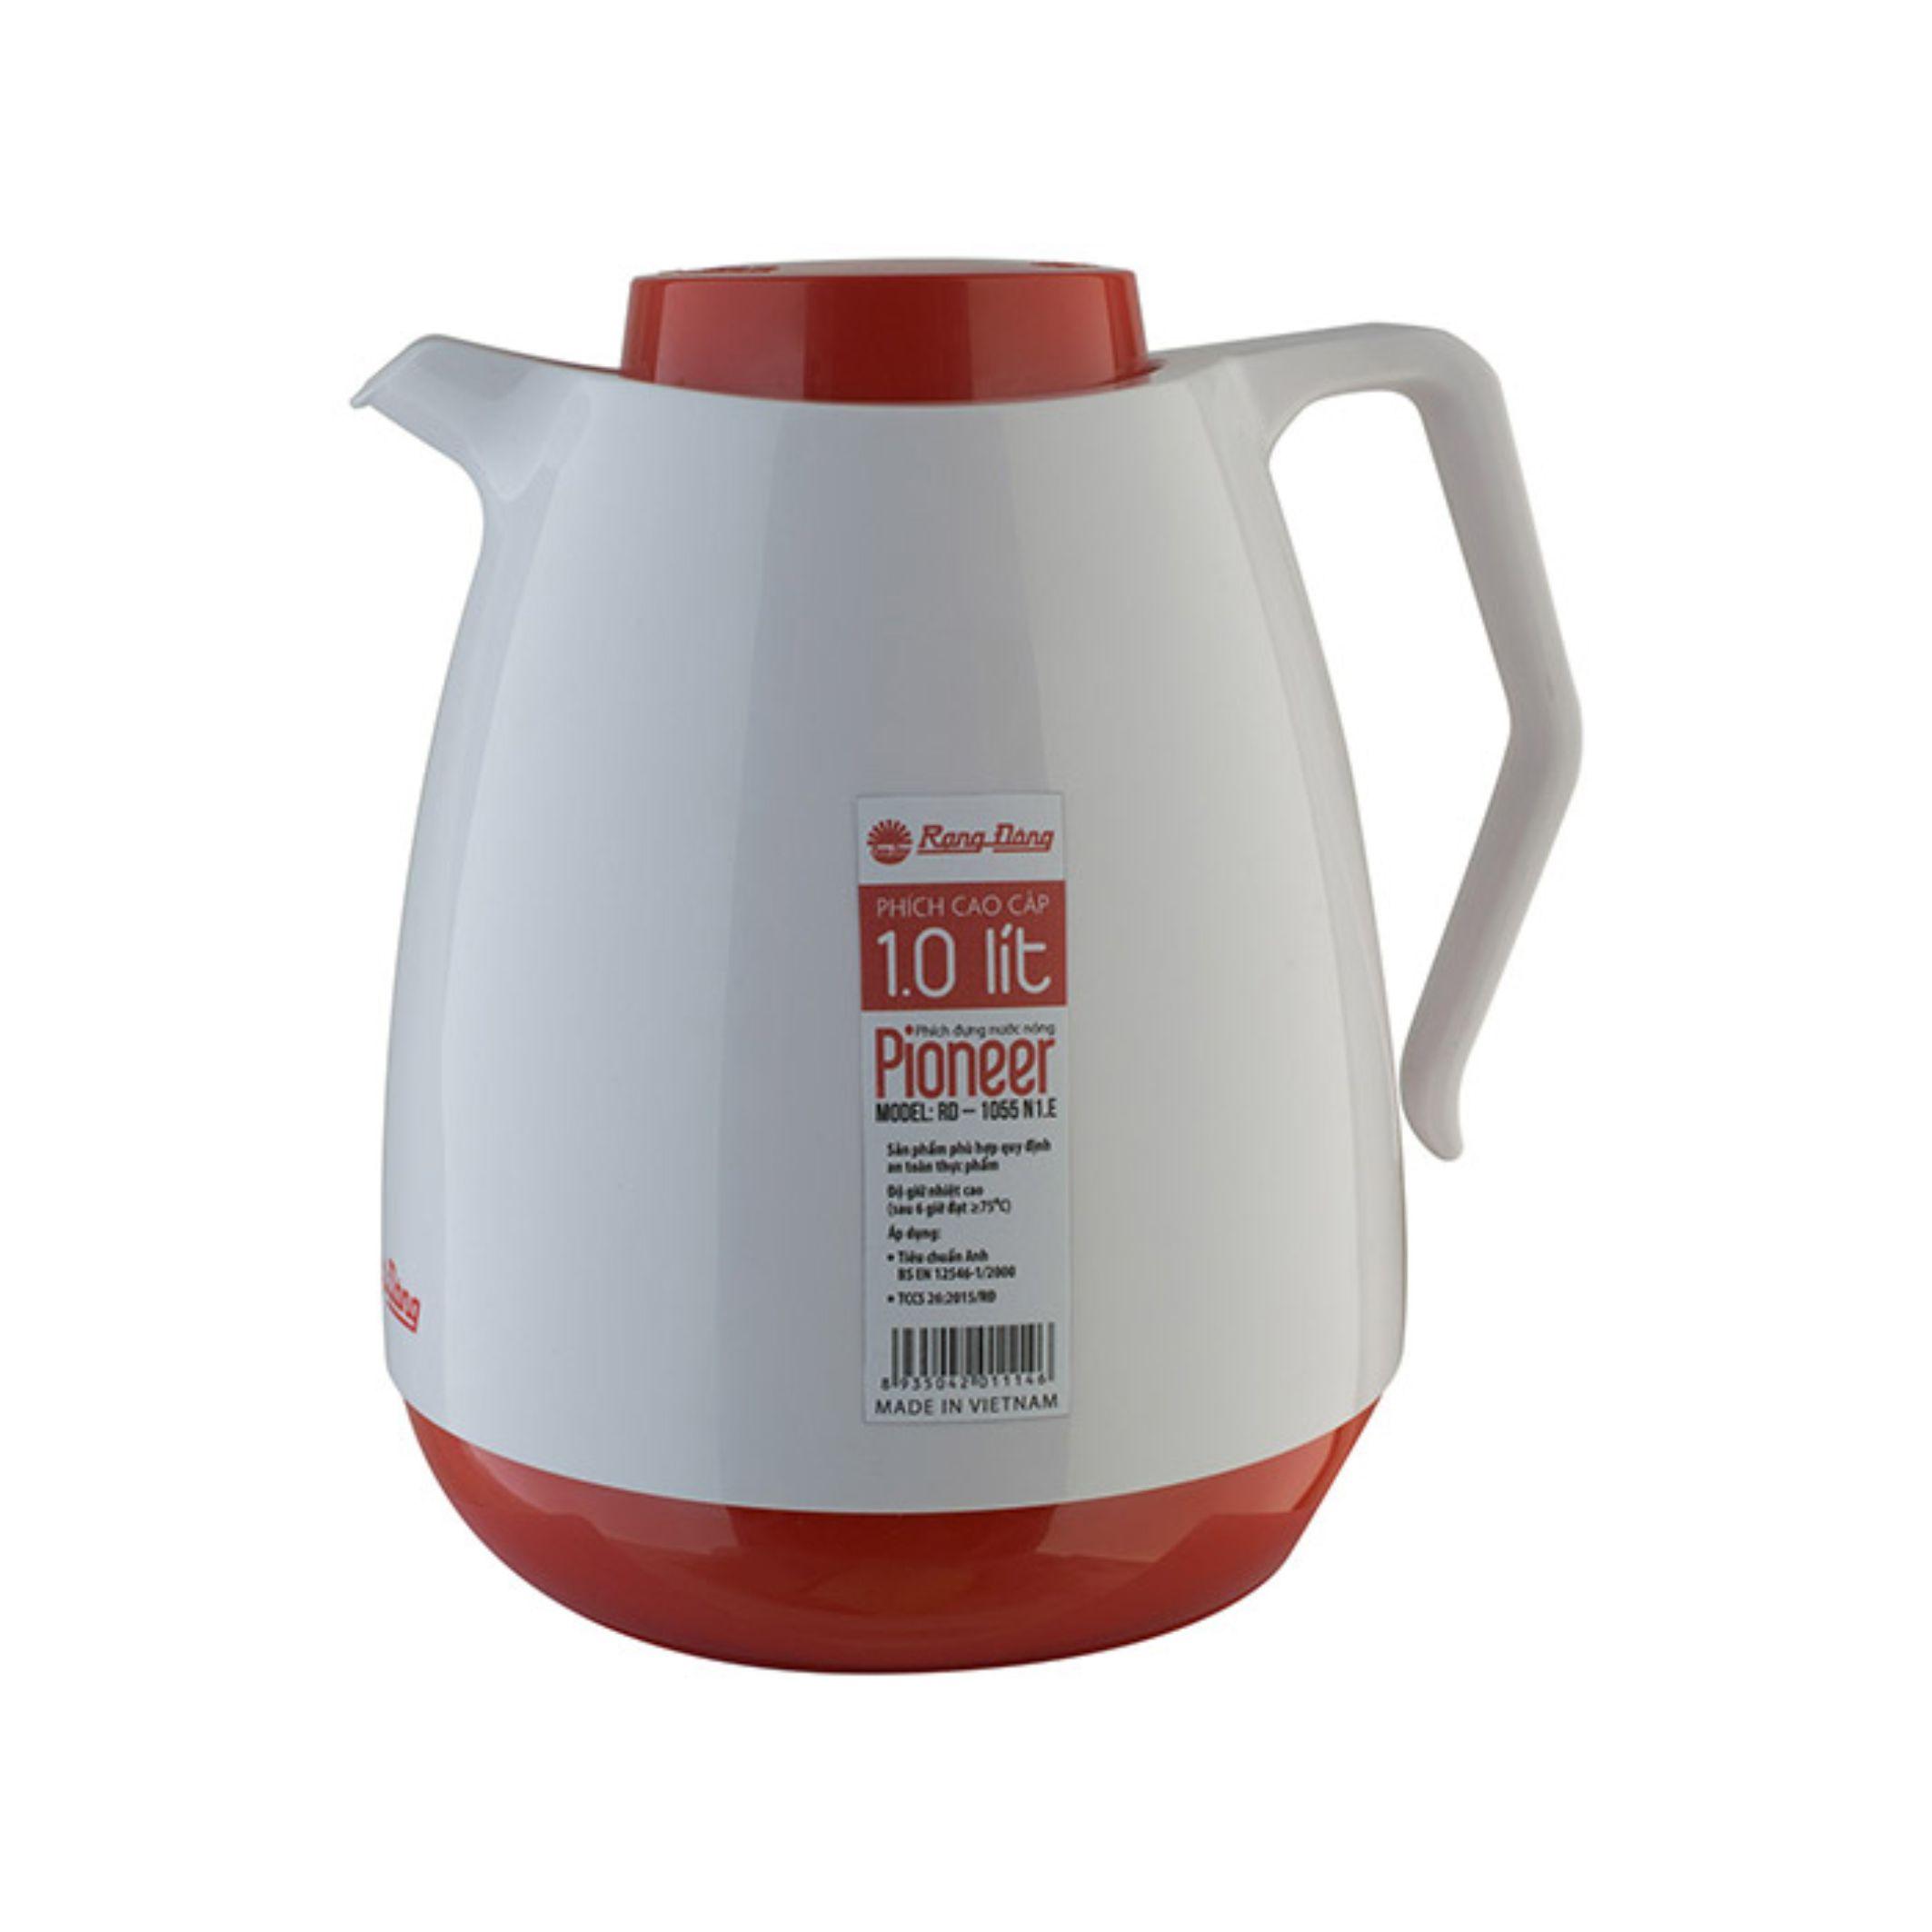 Phích pha trà Rạng Đông RD1055N1.E 1.0L